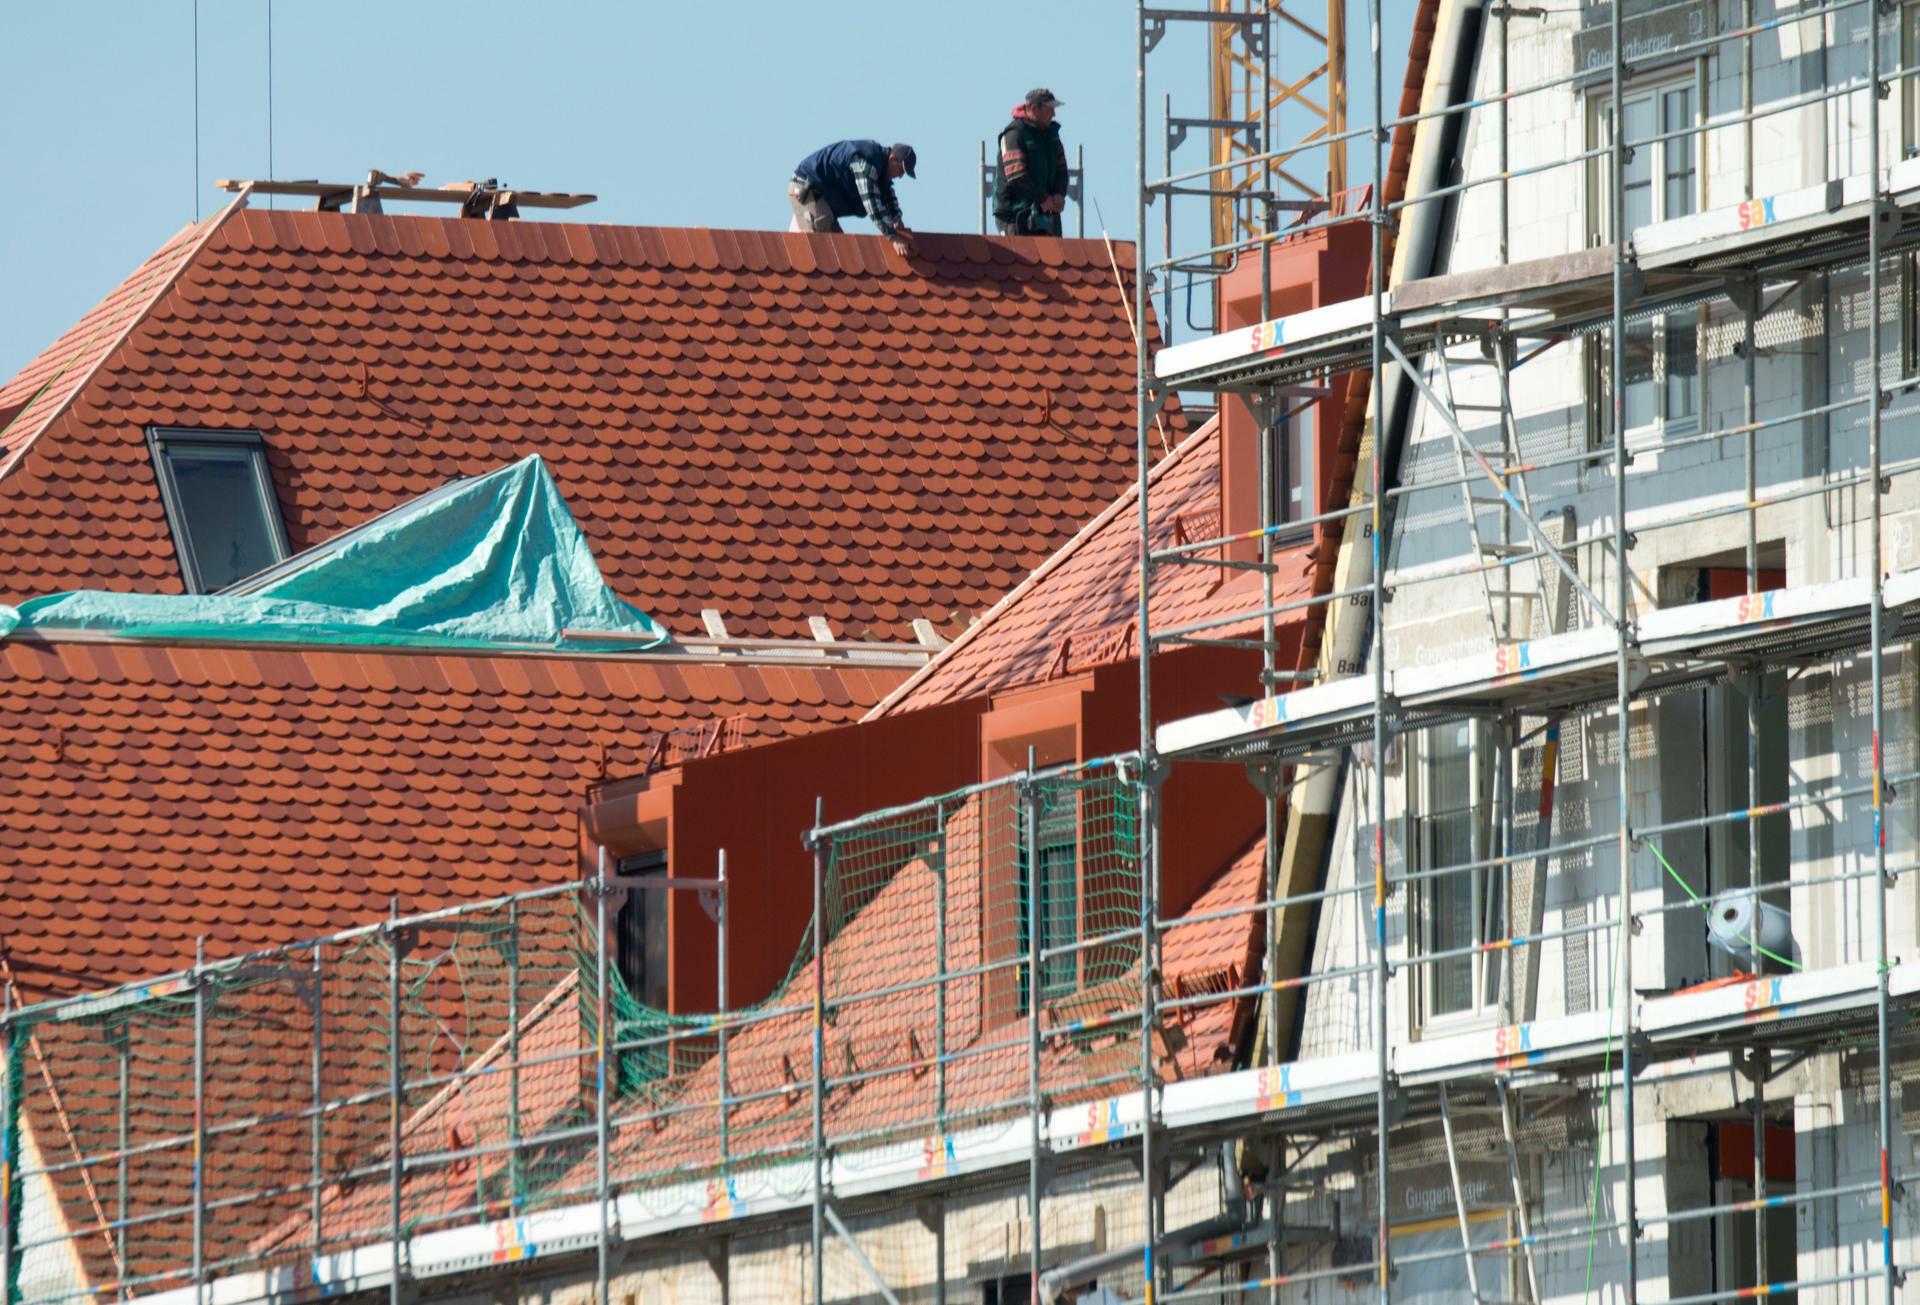 Bauspardarlehen Bgh Kippt Extra Gebuhr Der Bausparkassen